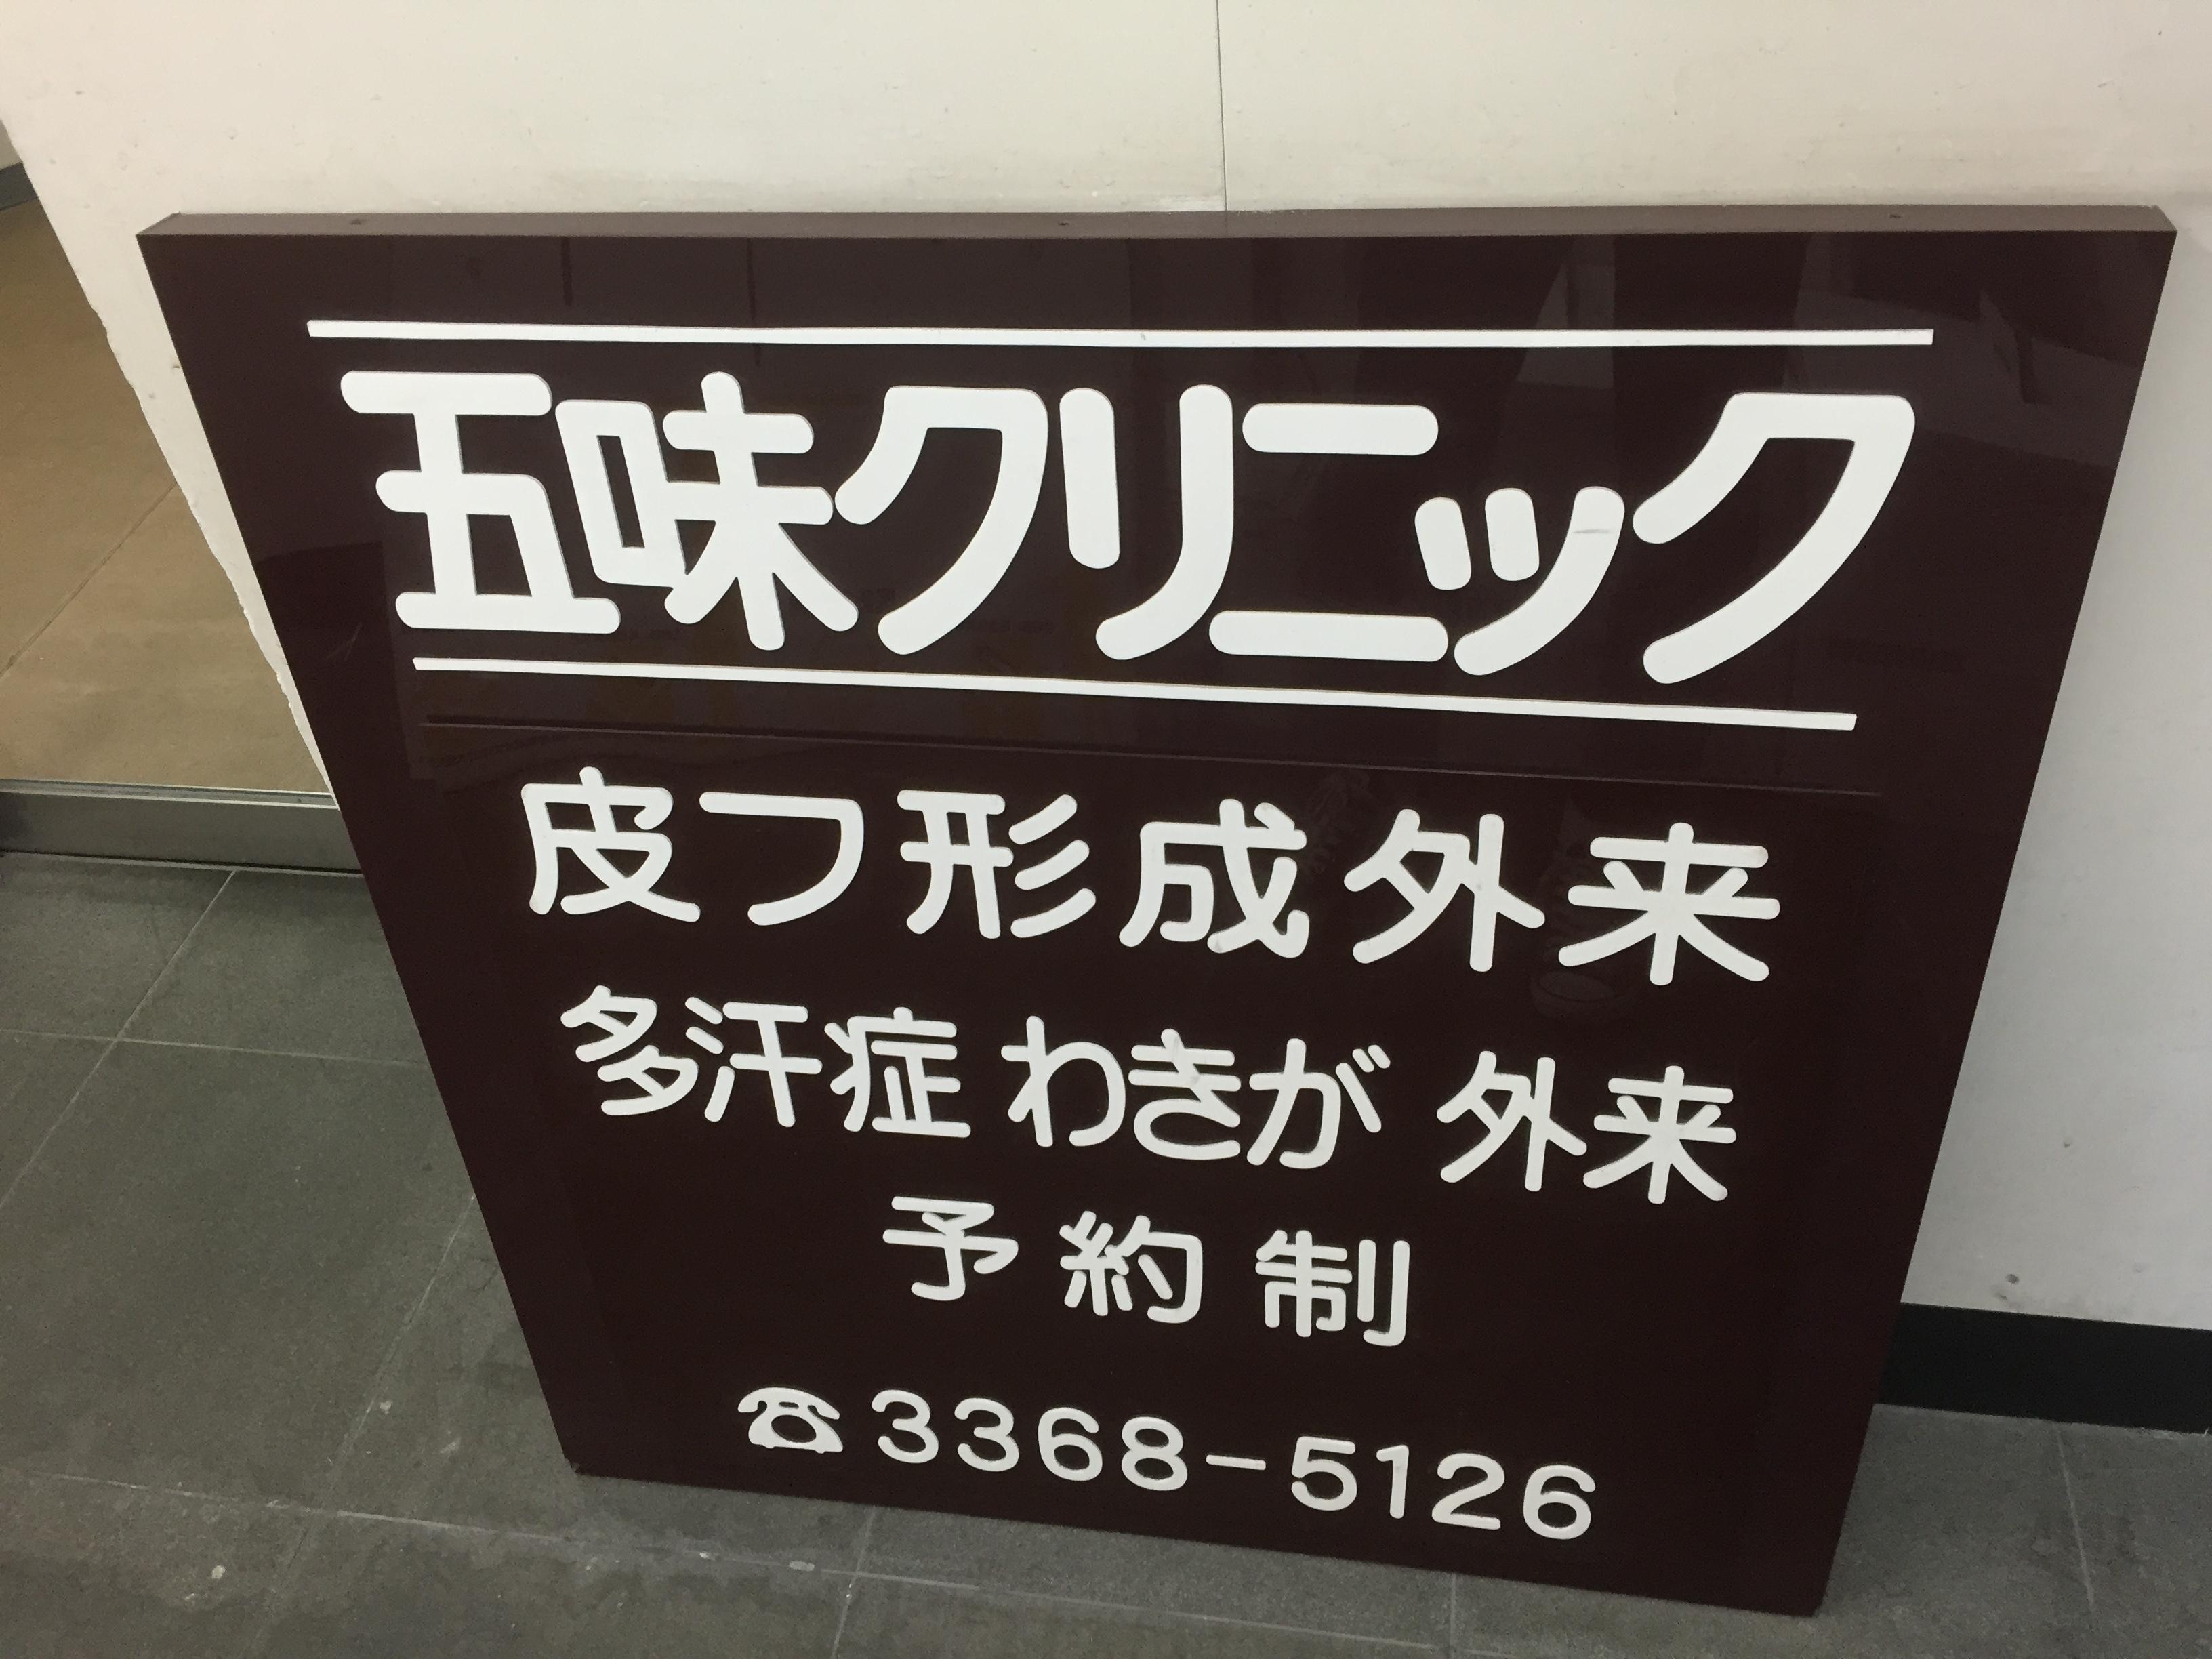 五味クリニック(新宿)に電話で予約して実際に診断を受けてきました